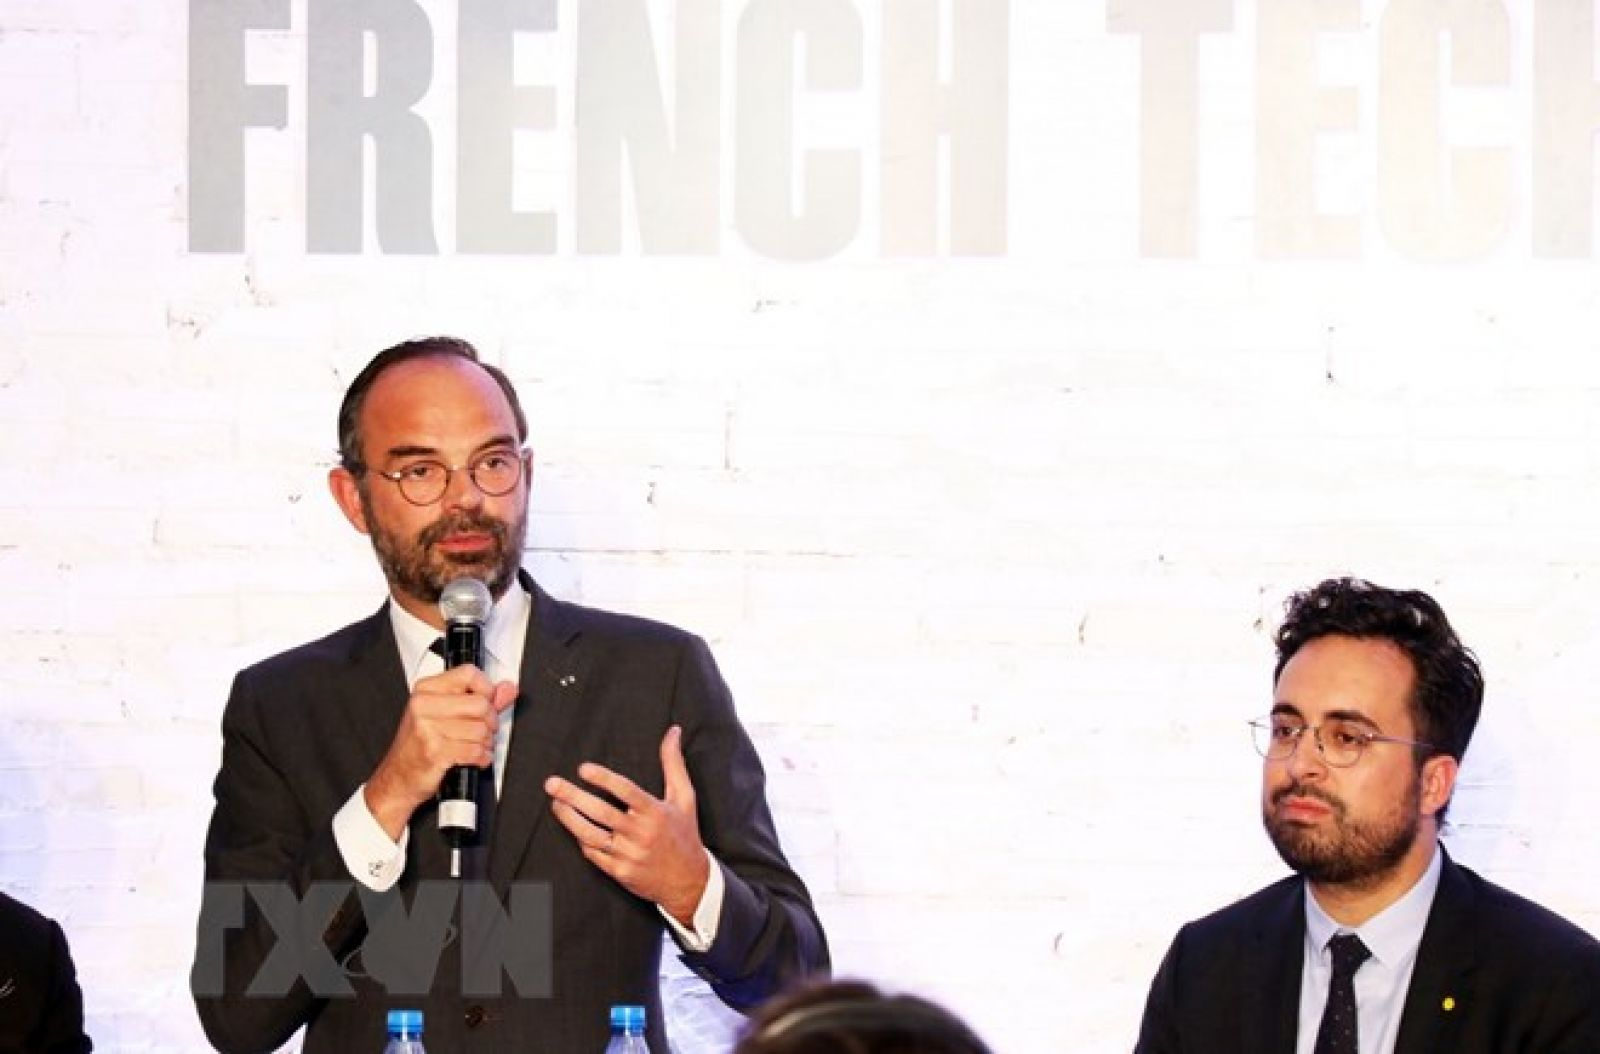 Thủ tướng Pháp Edouard Philippe (trái) phát biểu tại Diễn đàn. (Ảnh: Xuân Khu/TTXVN)